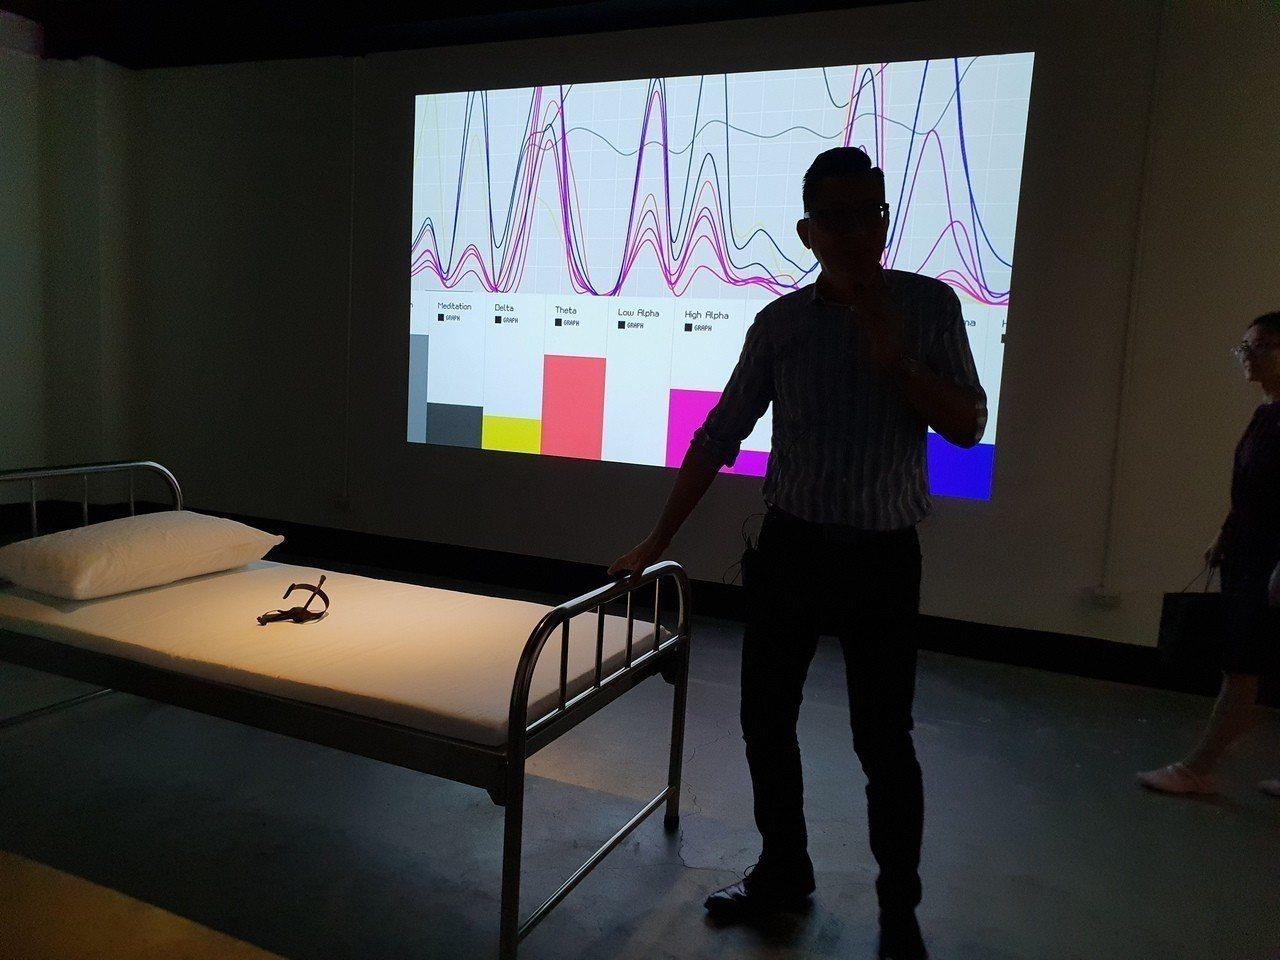 藝術家運用腦波儀器,將觀眾睡眠腦波資料延伸作為聲音表演素材。記者陳宛茜╱攝影